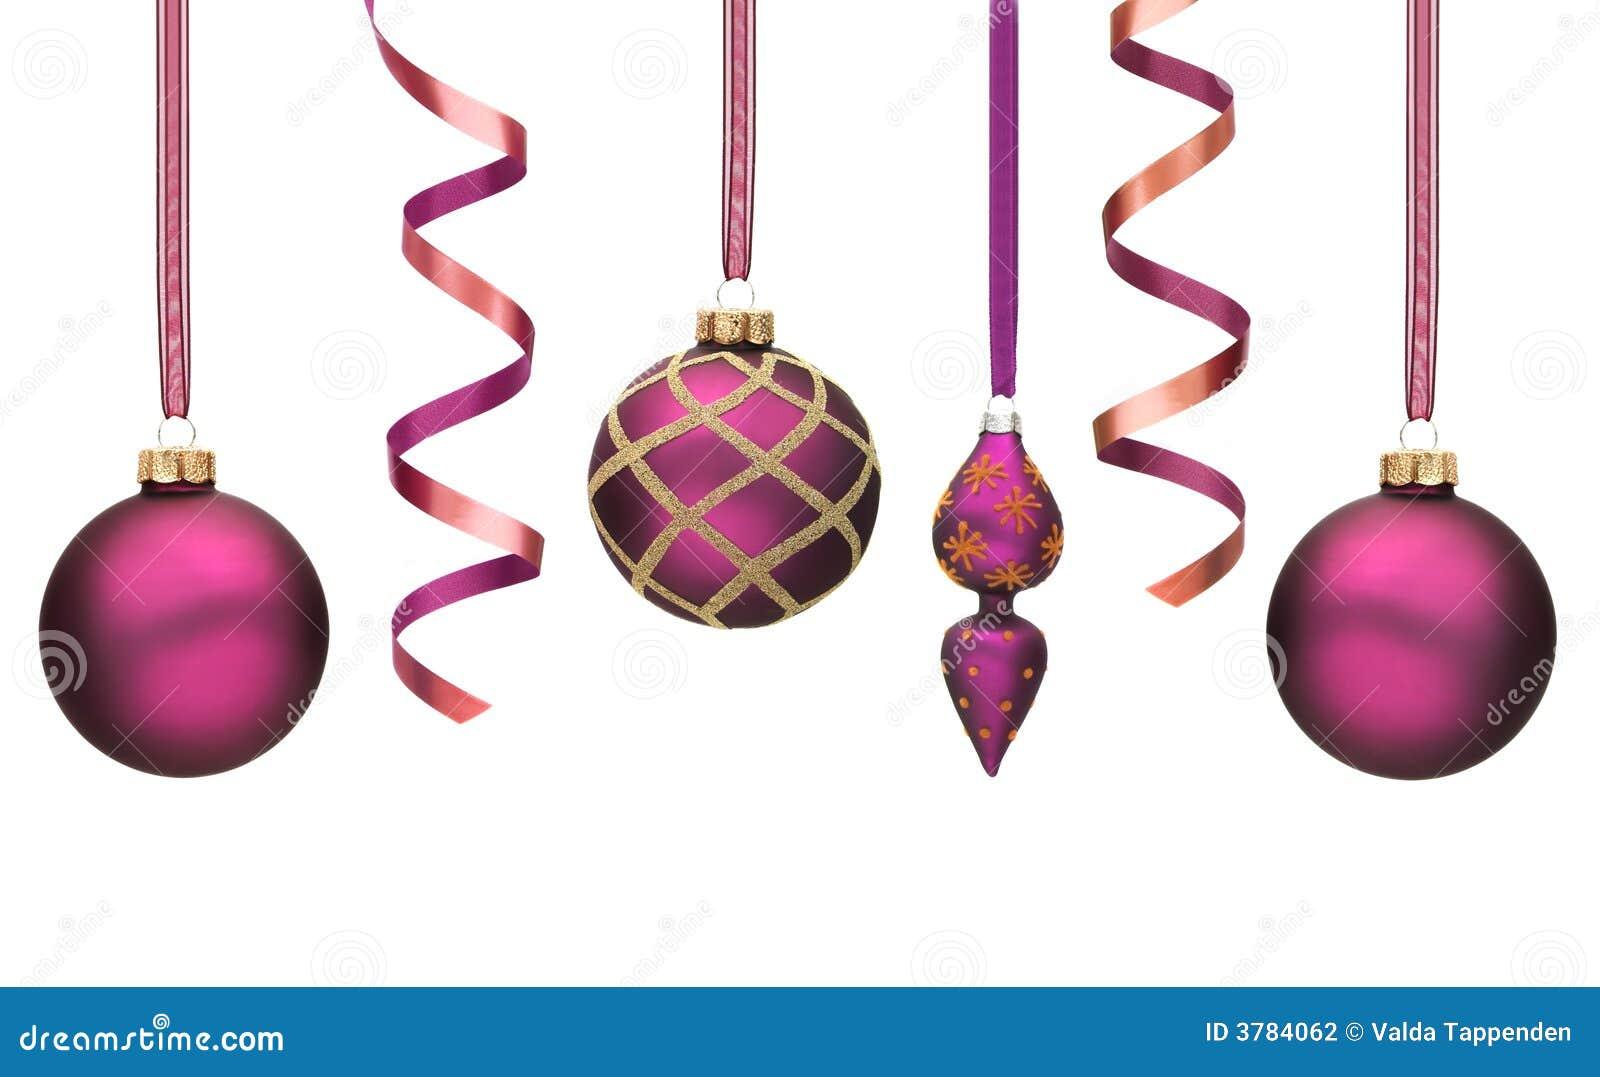 Decorações roxas do Natal isoladas no branco